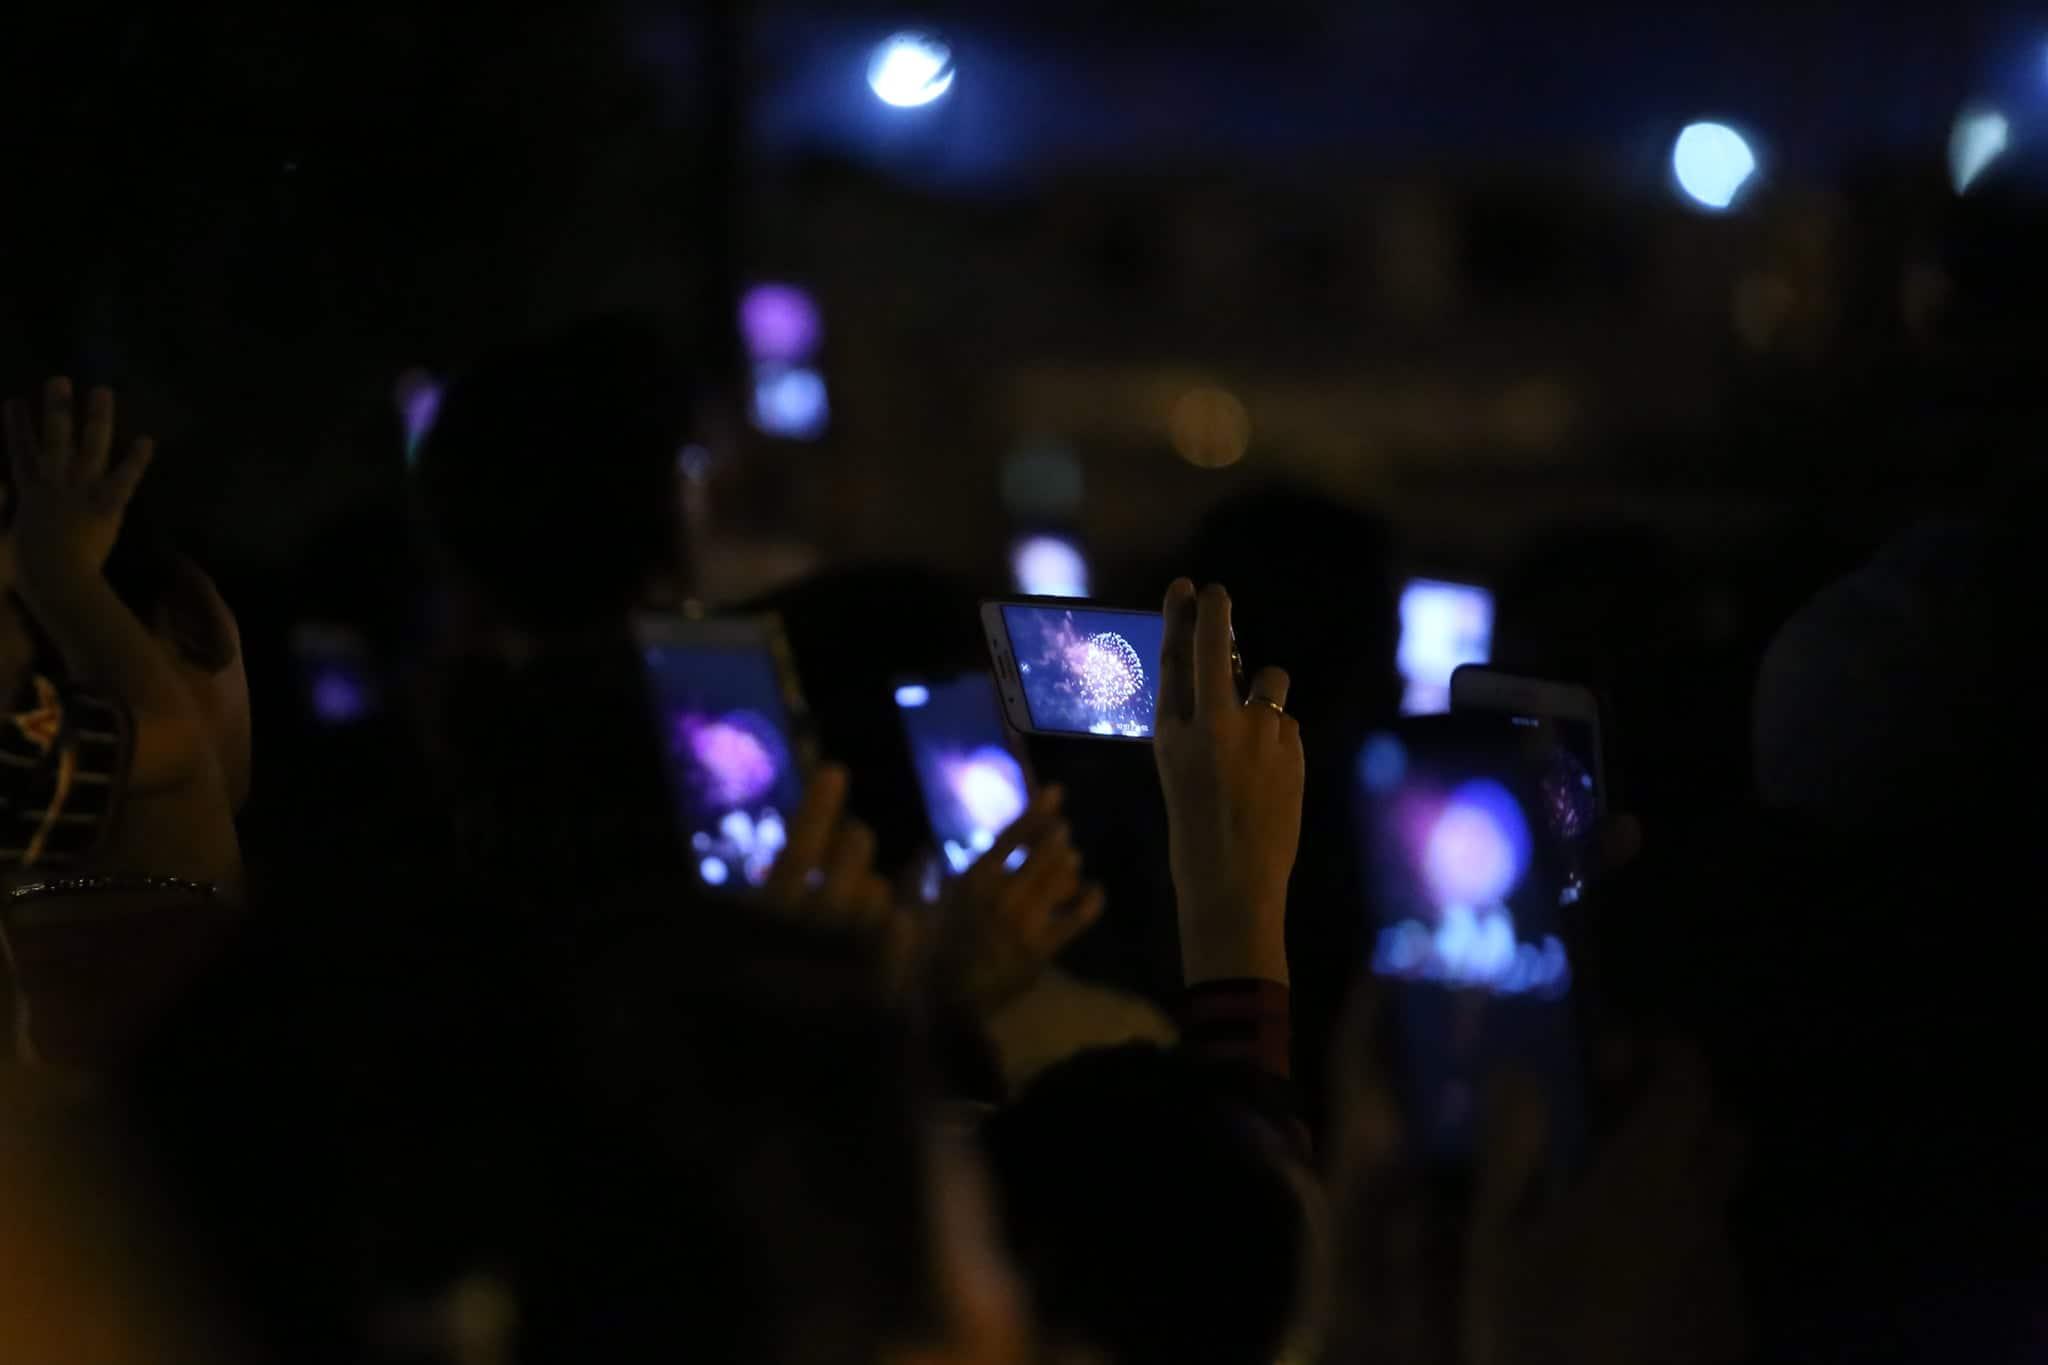 Pháo hoa rực sáng đẹp hút hồn trên bầu trời Sài Gòn, ngàn người vỗ tay tán thưởng - 10